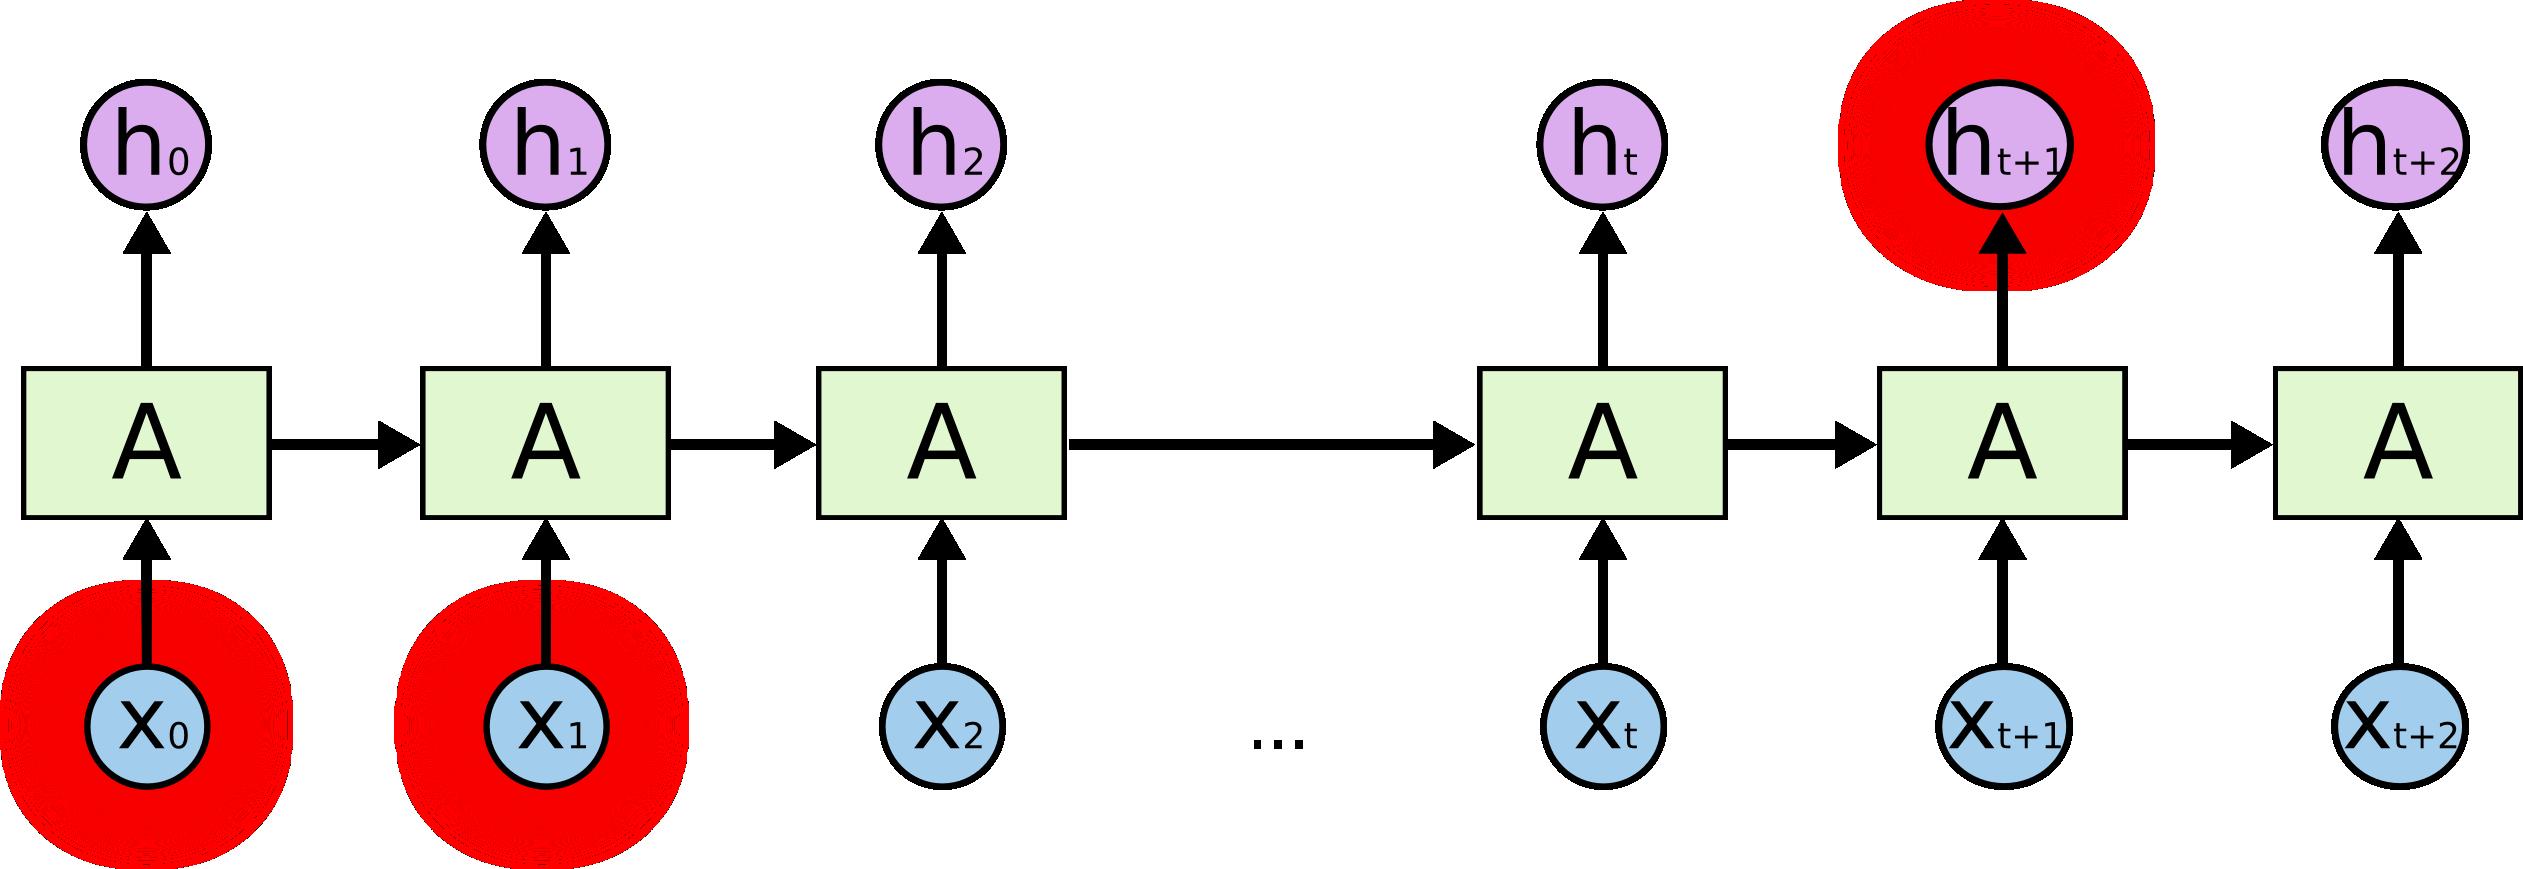 RNN-longtermdependencies